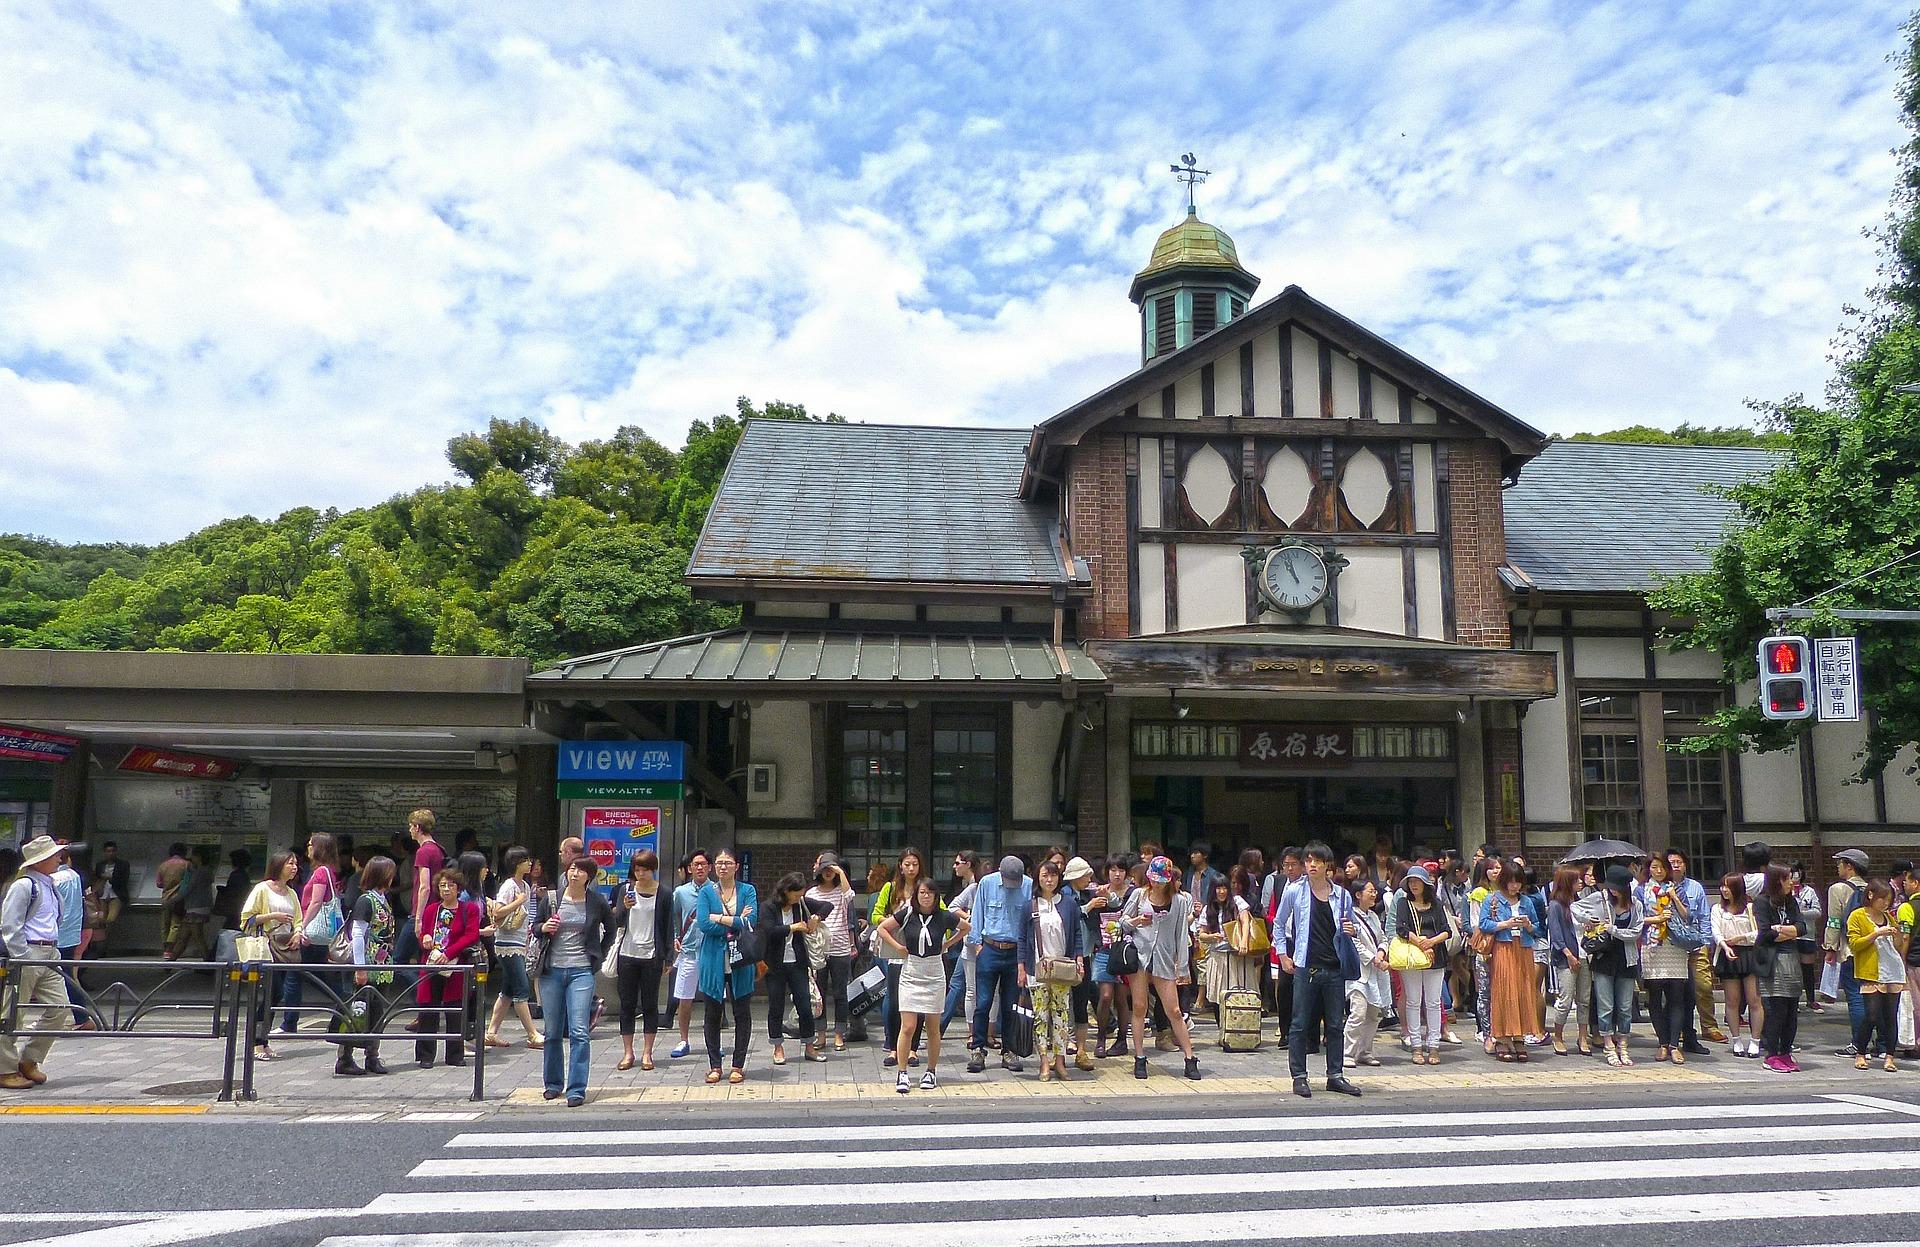 Liburan ke Jepang, Ini 5 Hal yang Wajib Dilakukan di Tokyo